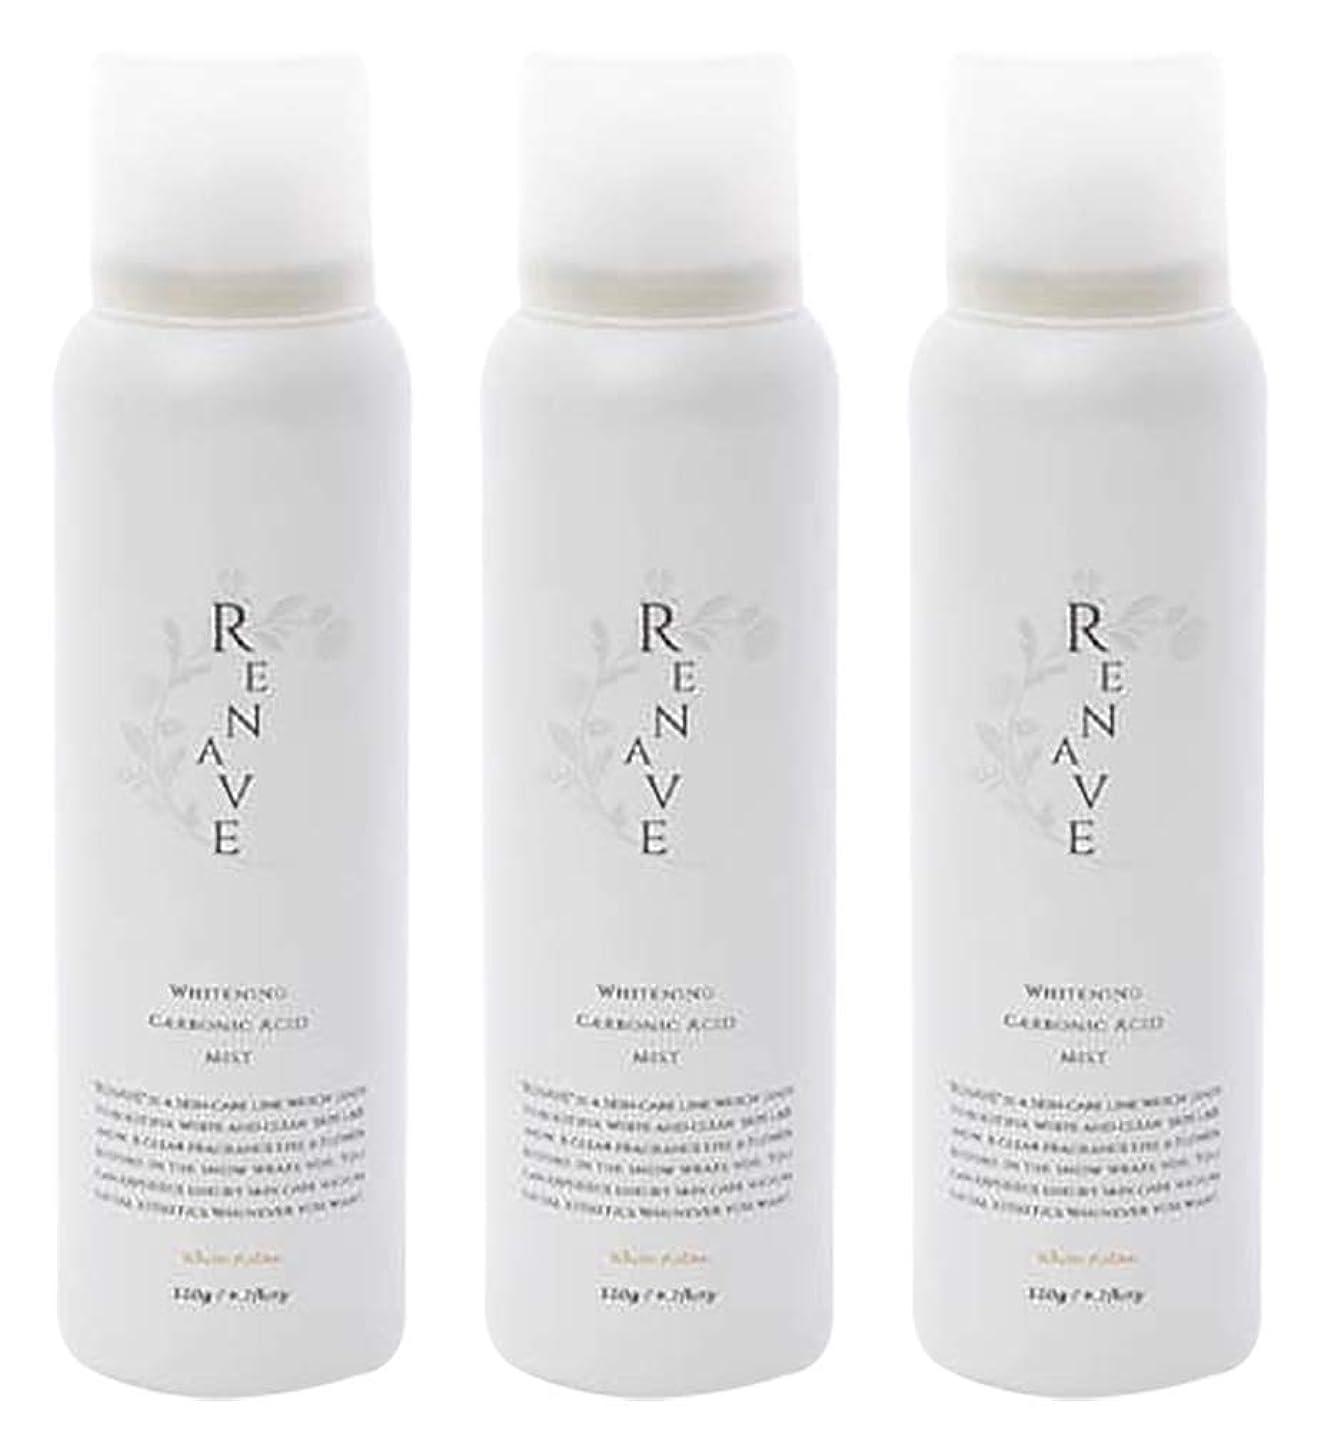 農業の清める欠員RENAVE(リネーヴェ) 高濃度炭酸ミスト 薬用美白化粧水 120ml 3本セット